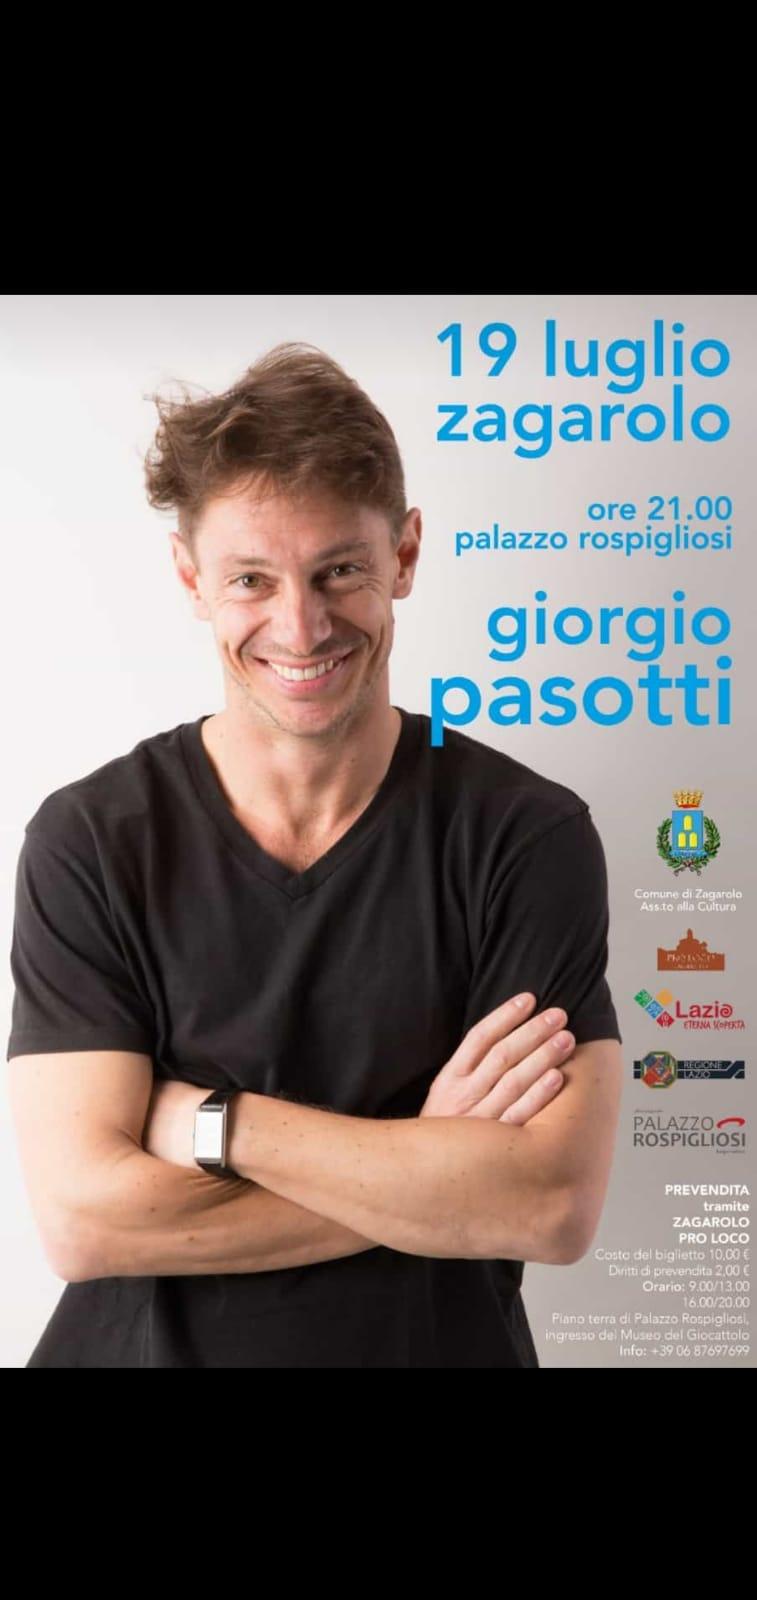 Giorgio Pasotti in